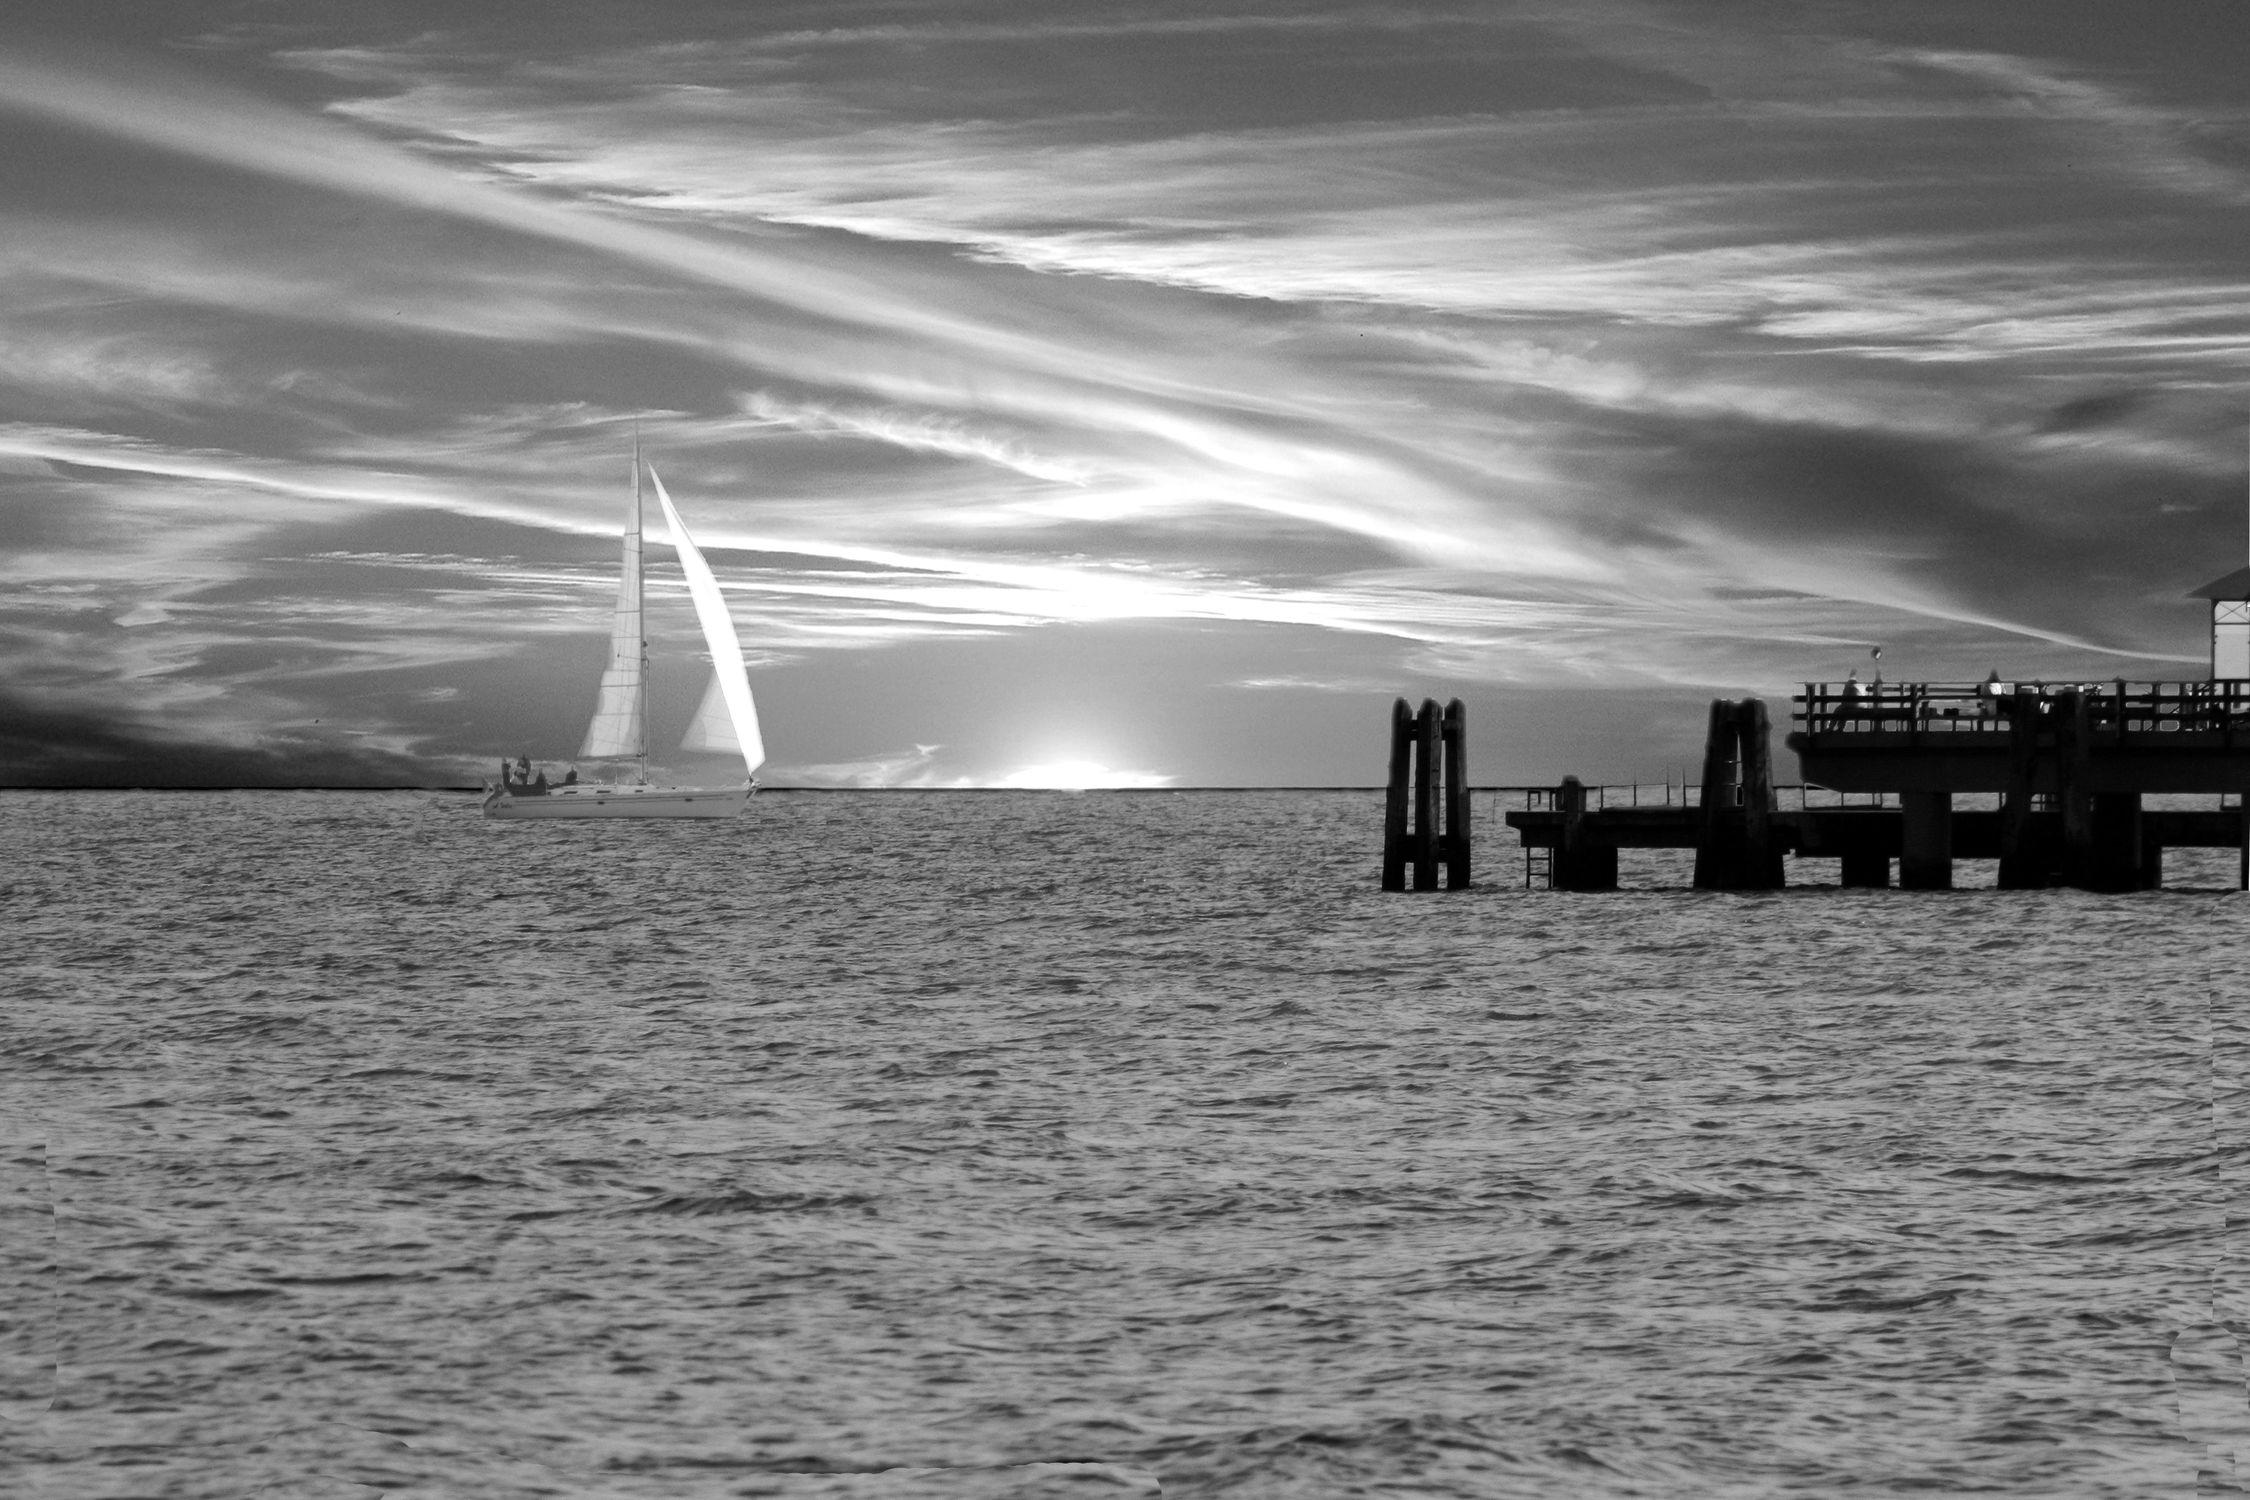 Bild mit Natur, Wasser, Landschaften, Himmel, Wolken, Gewässer, Weiß, Orte, Meere, Horizont, Siedlungen, Städte, schwarz weiß